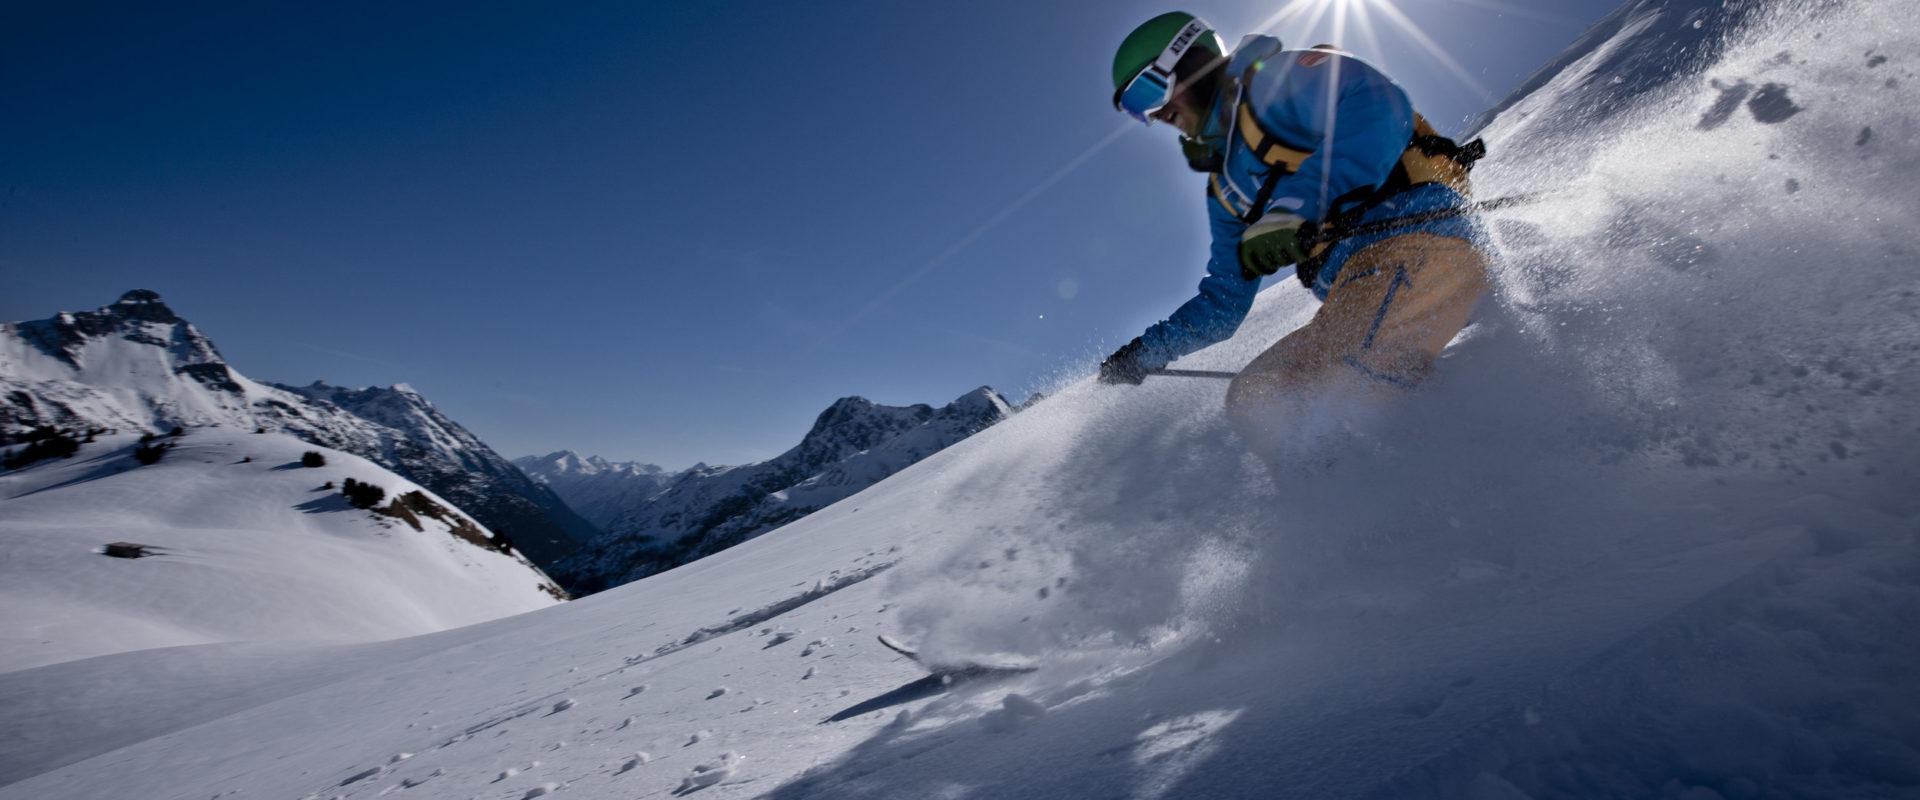 Skifahren Warth-Schroecken_skischule warth (40) © N.N. / Skischule Warth